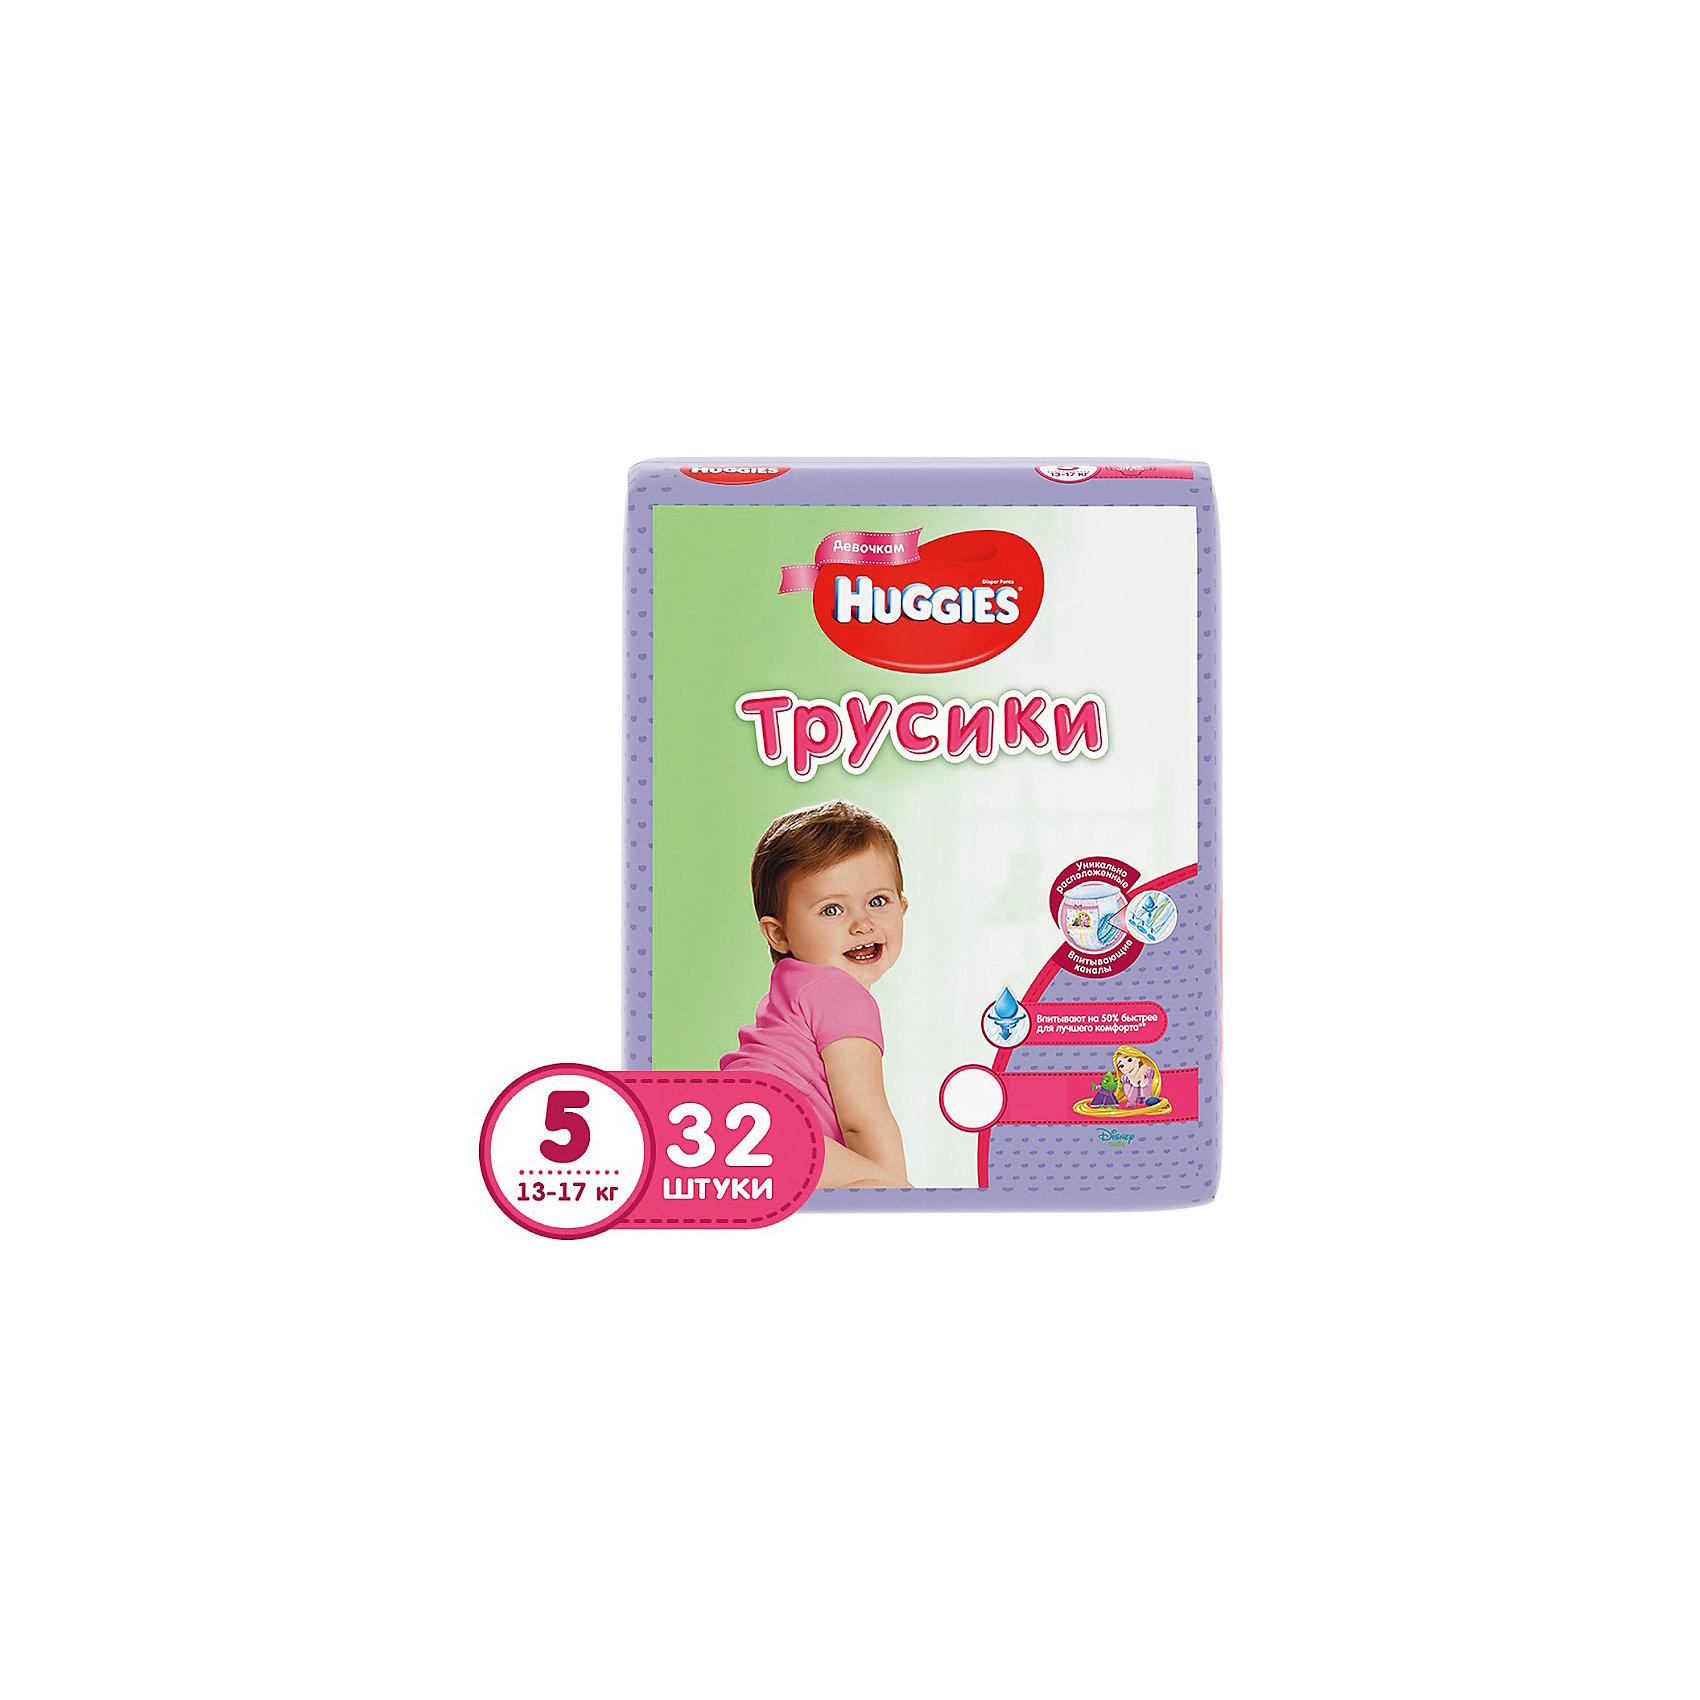 Трусики-подгузники Huggies 5 Jumbo Pack для девочек, 13-17 кг, 32 шт.